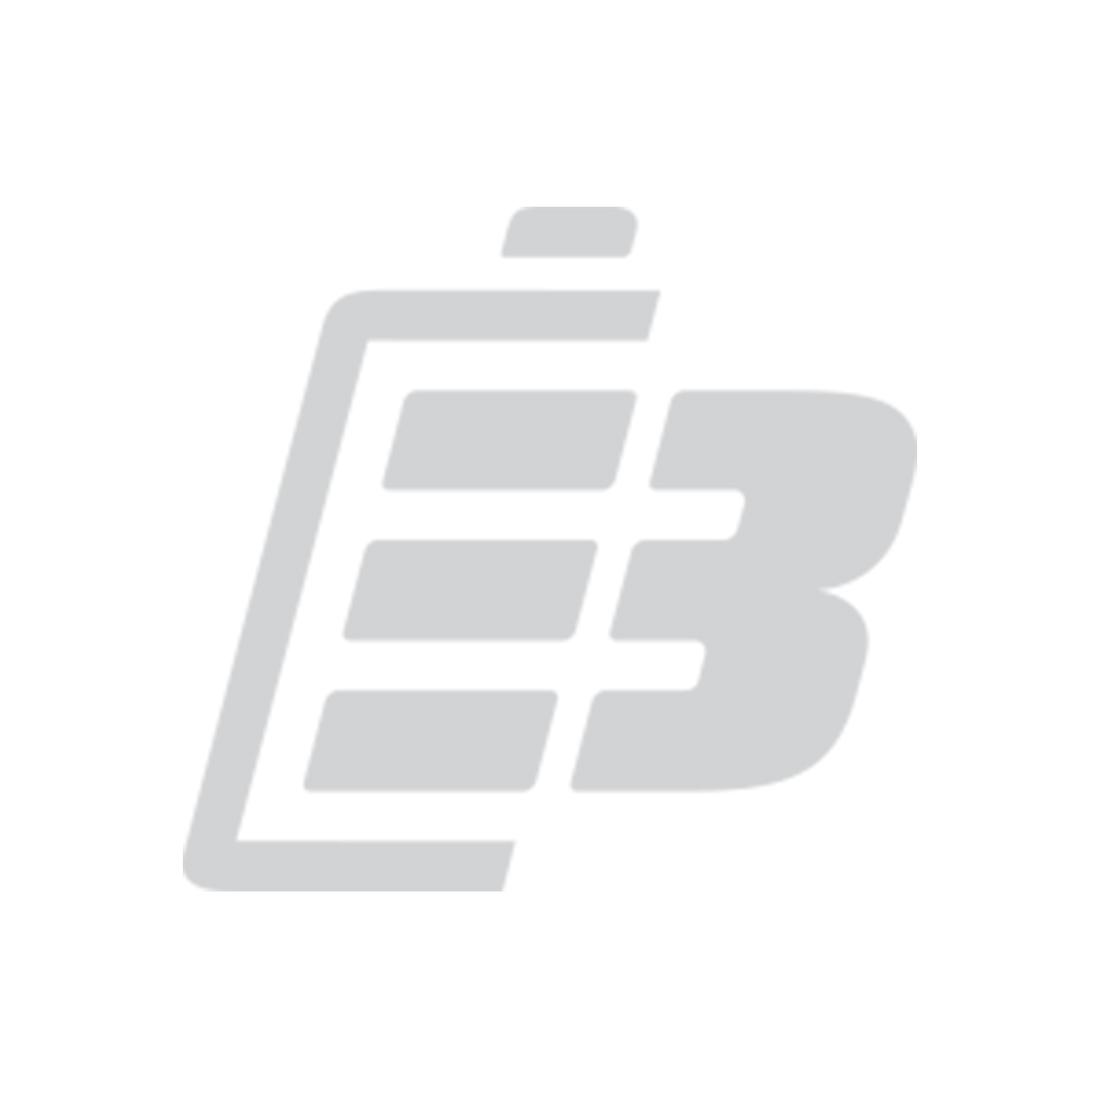 Μπαταρία GPS Garmin Nuvi 700_1